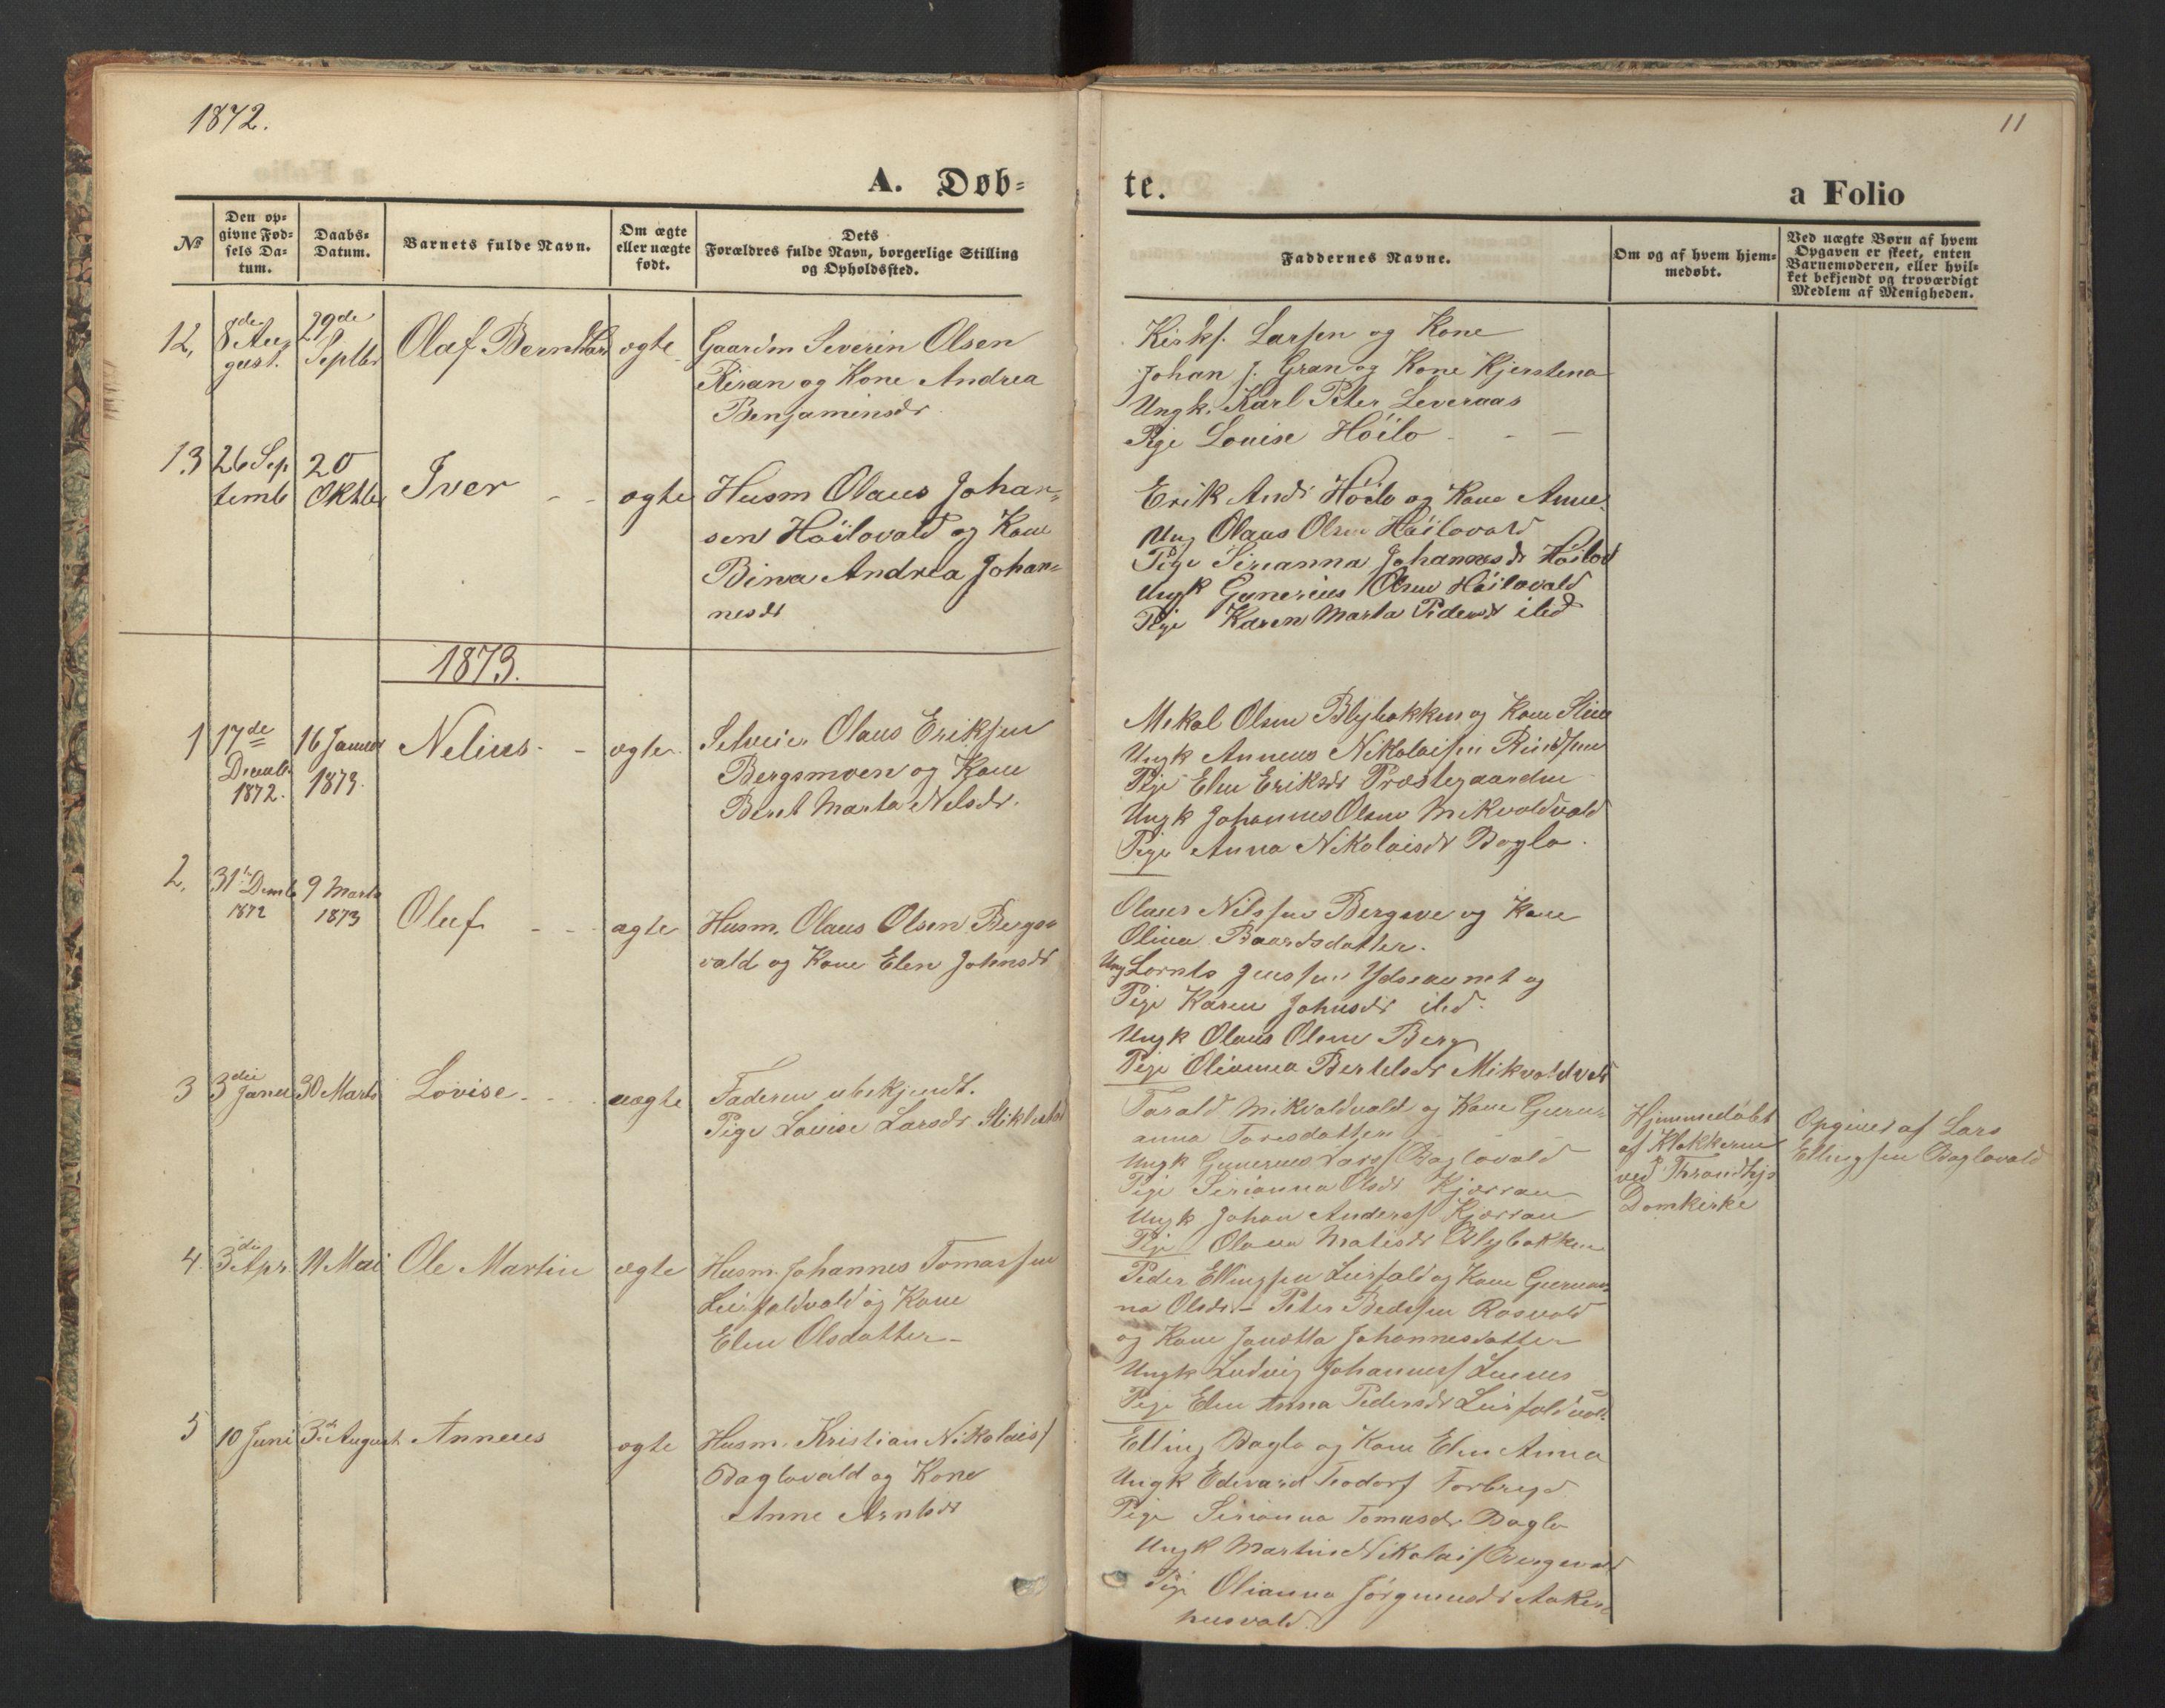 SAT, Ministerialprotokoller, klokkerbøker og fødselsregistre - Nord-Trøndelag, 726/L0271: Klokkerbok nr. 726C02, 1869-1897, s. 11